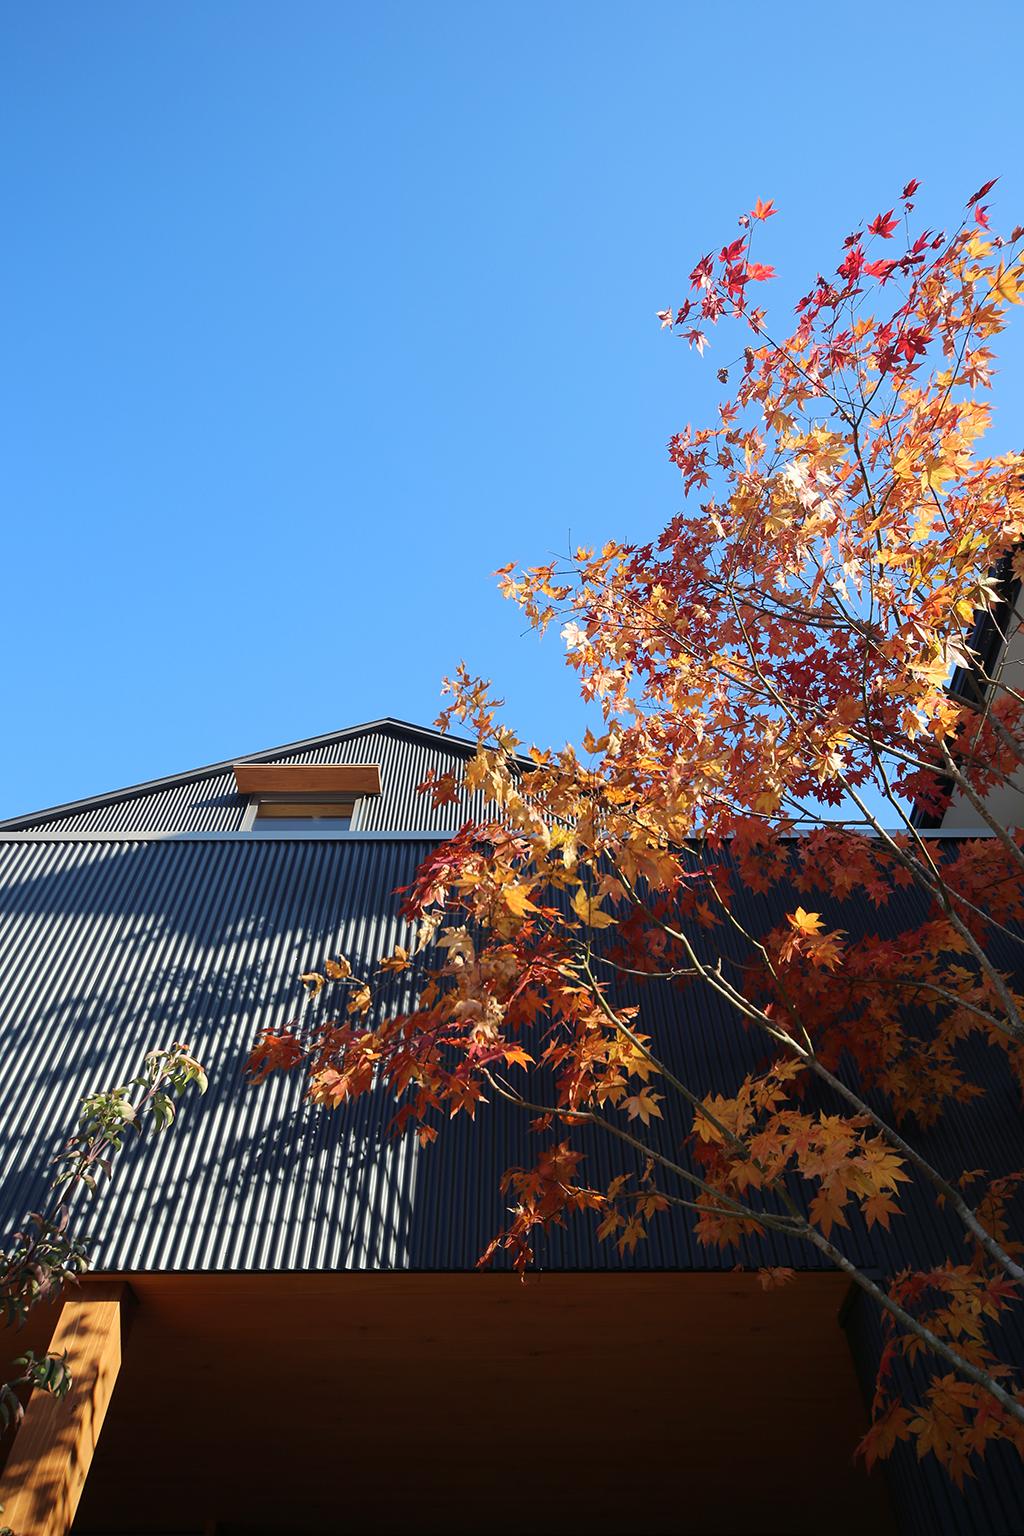 相生市の木の家 紅葉が黒い外壁に映える